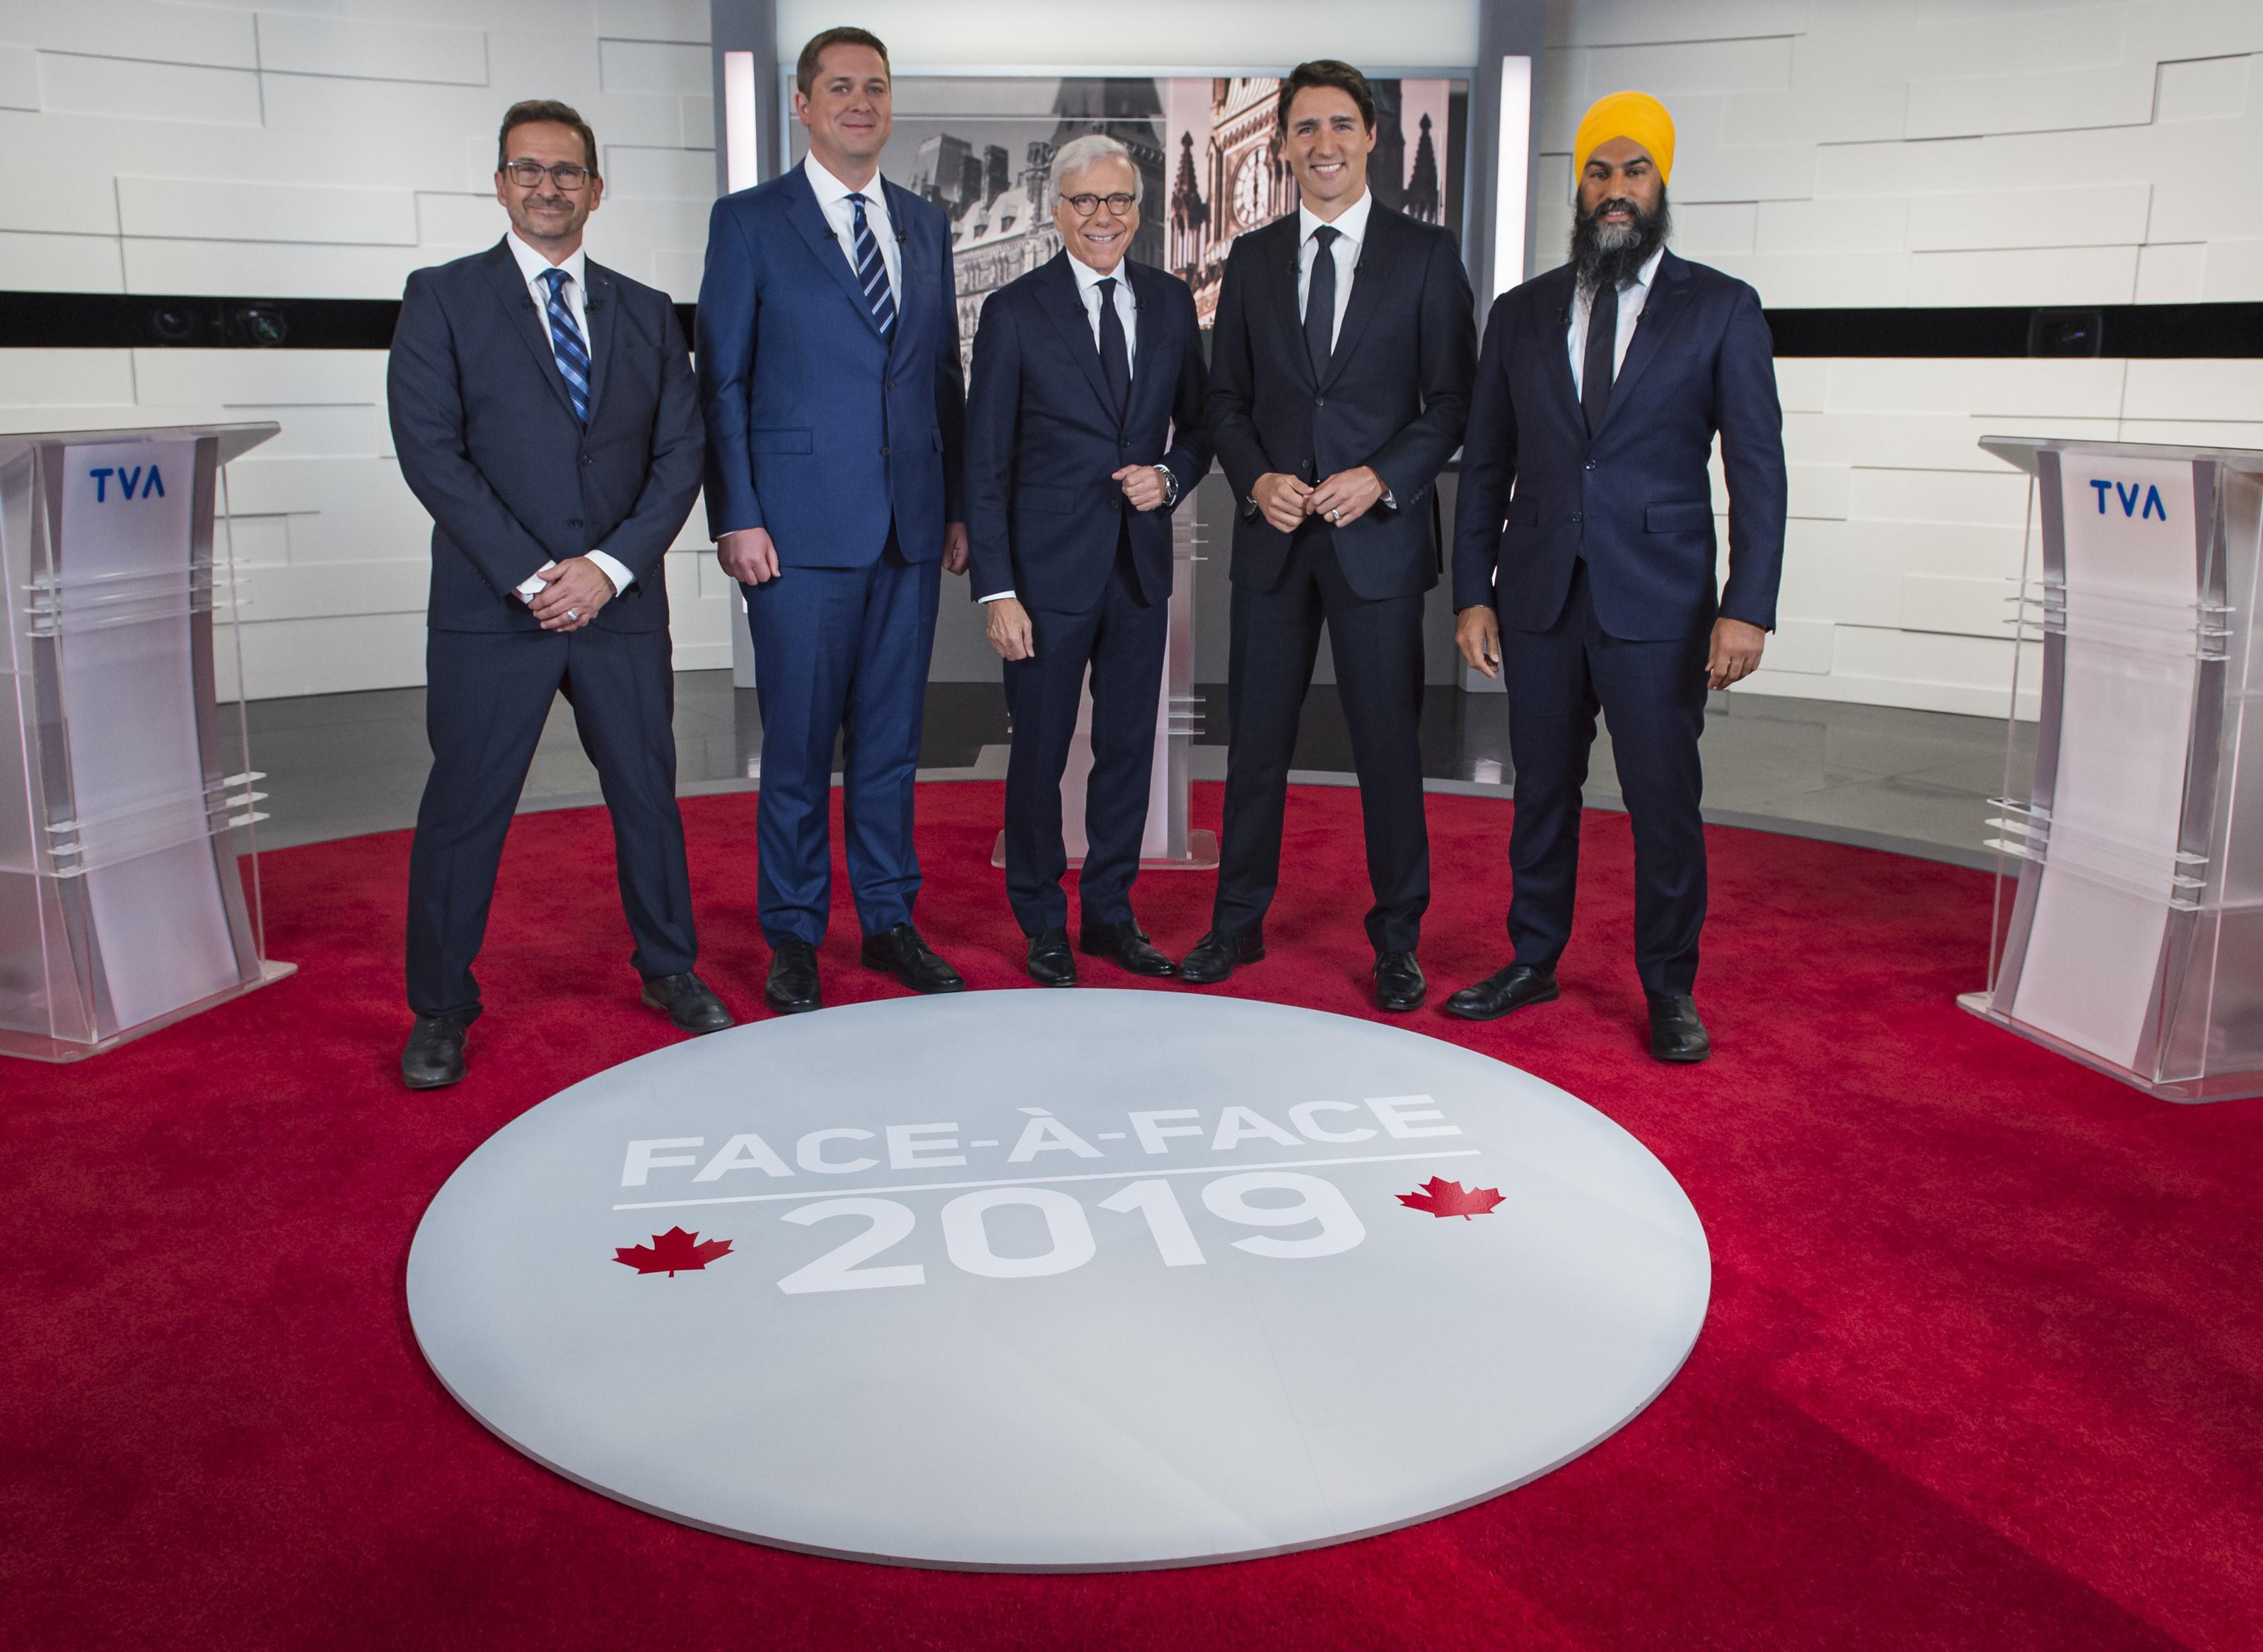 من اليمين إلى اليسار : جاغميت سينغ، الحزب الديمقراطي الجديد، جوستان ترودو، الحزب الليبرالي. بيار برونو مقدّم الأخبار على شبكة TVA ومنشط المناظرة، أندرو شير، حزب المحافظين وإيف-فرانسوا بلانشيه، الكتلة الكيبيكية - The Canadian Press / Joel Lemay / POOL